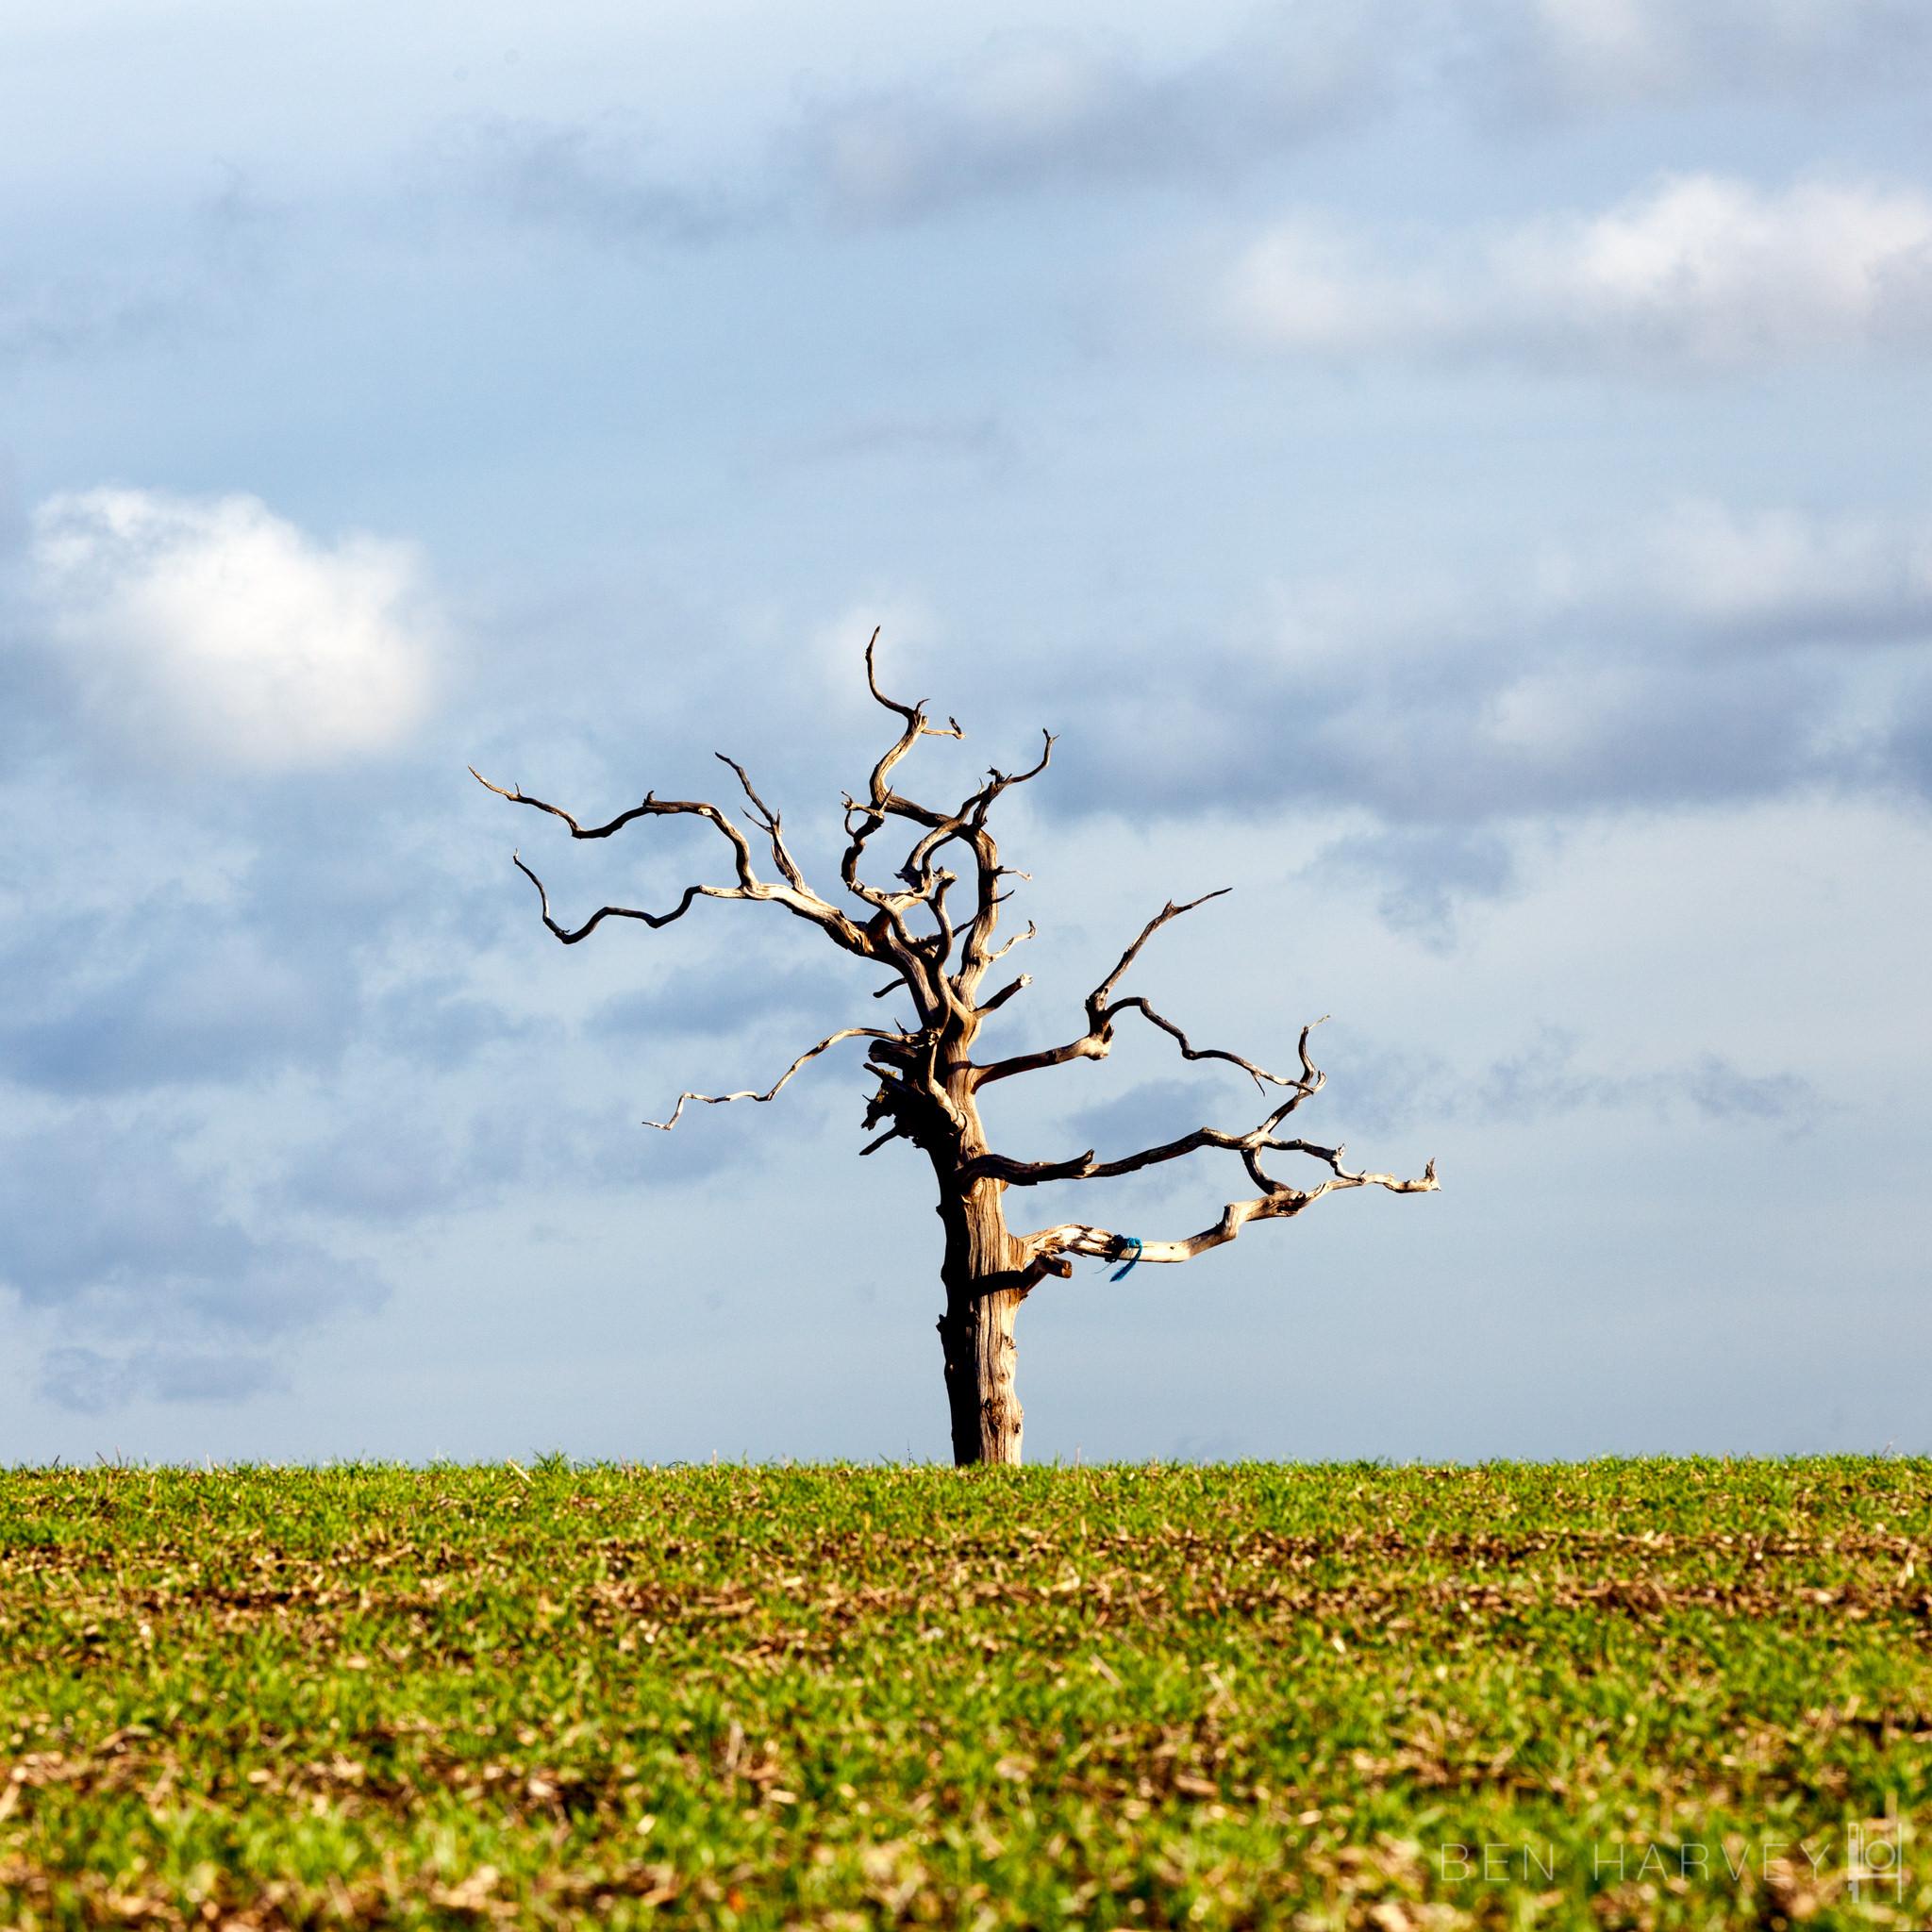 Tarrant Valley Lone Tree